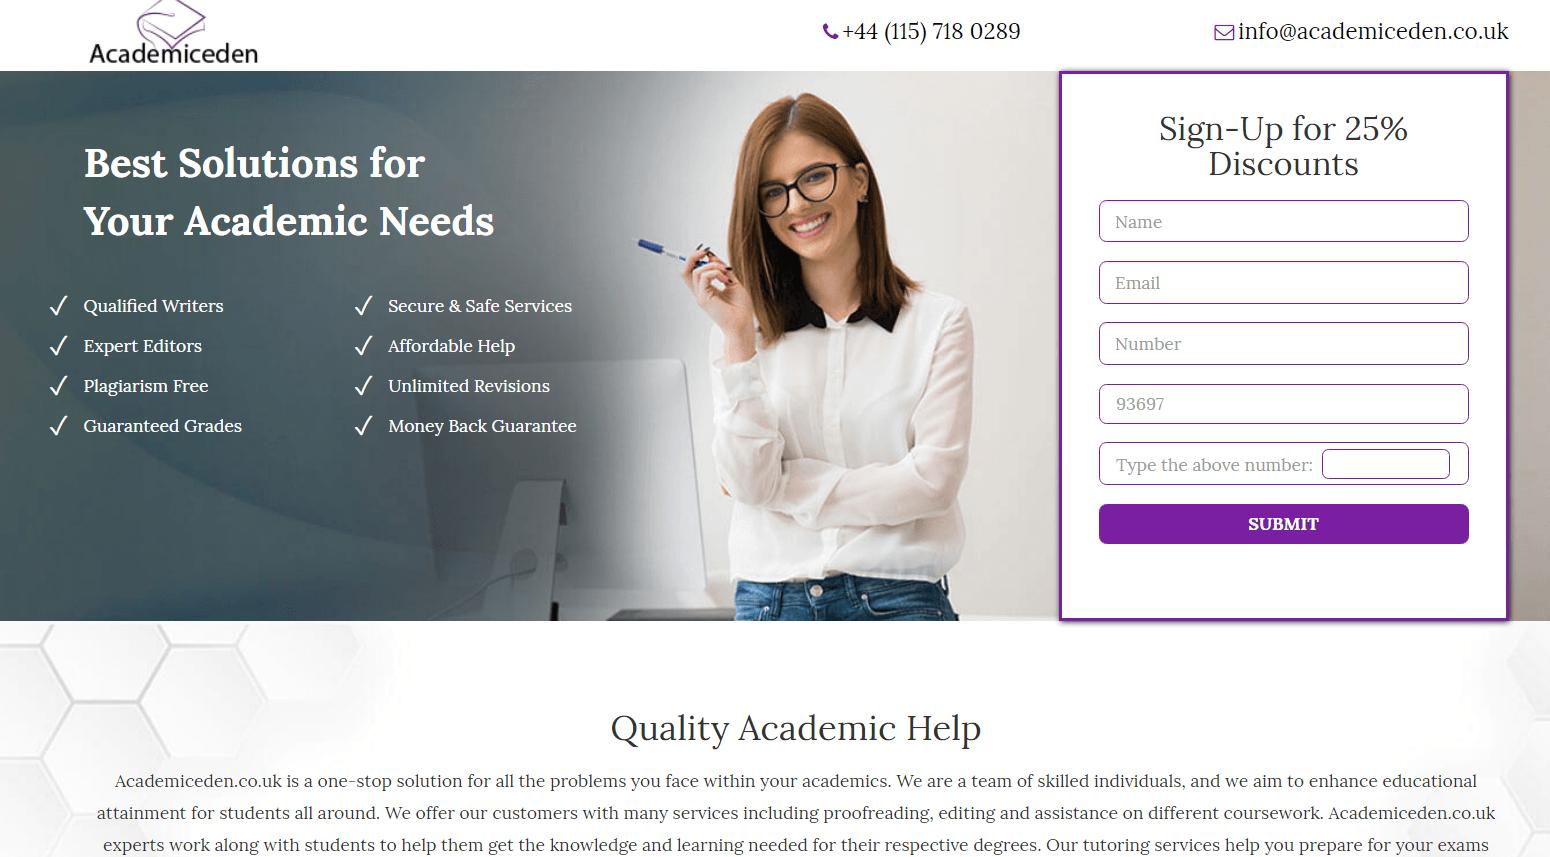 academiceden.co.uk